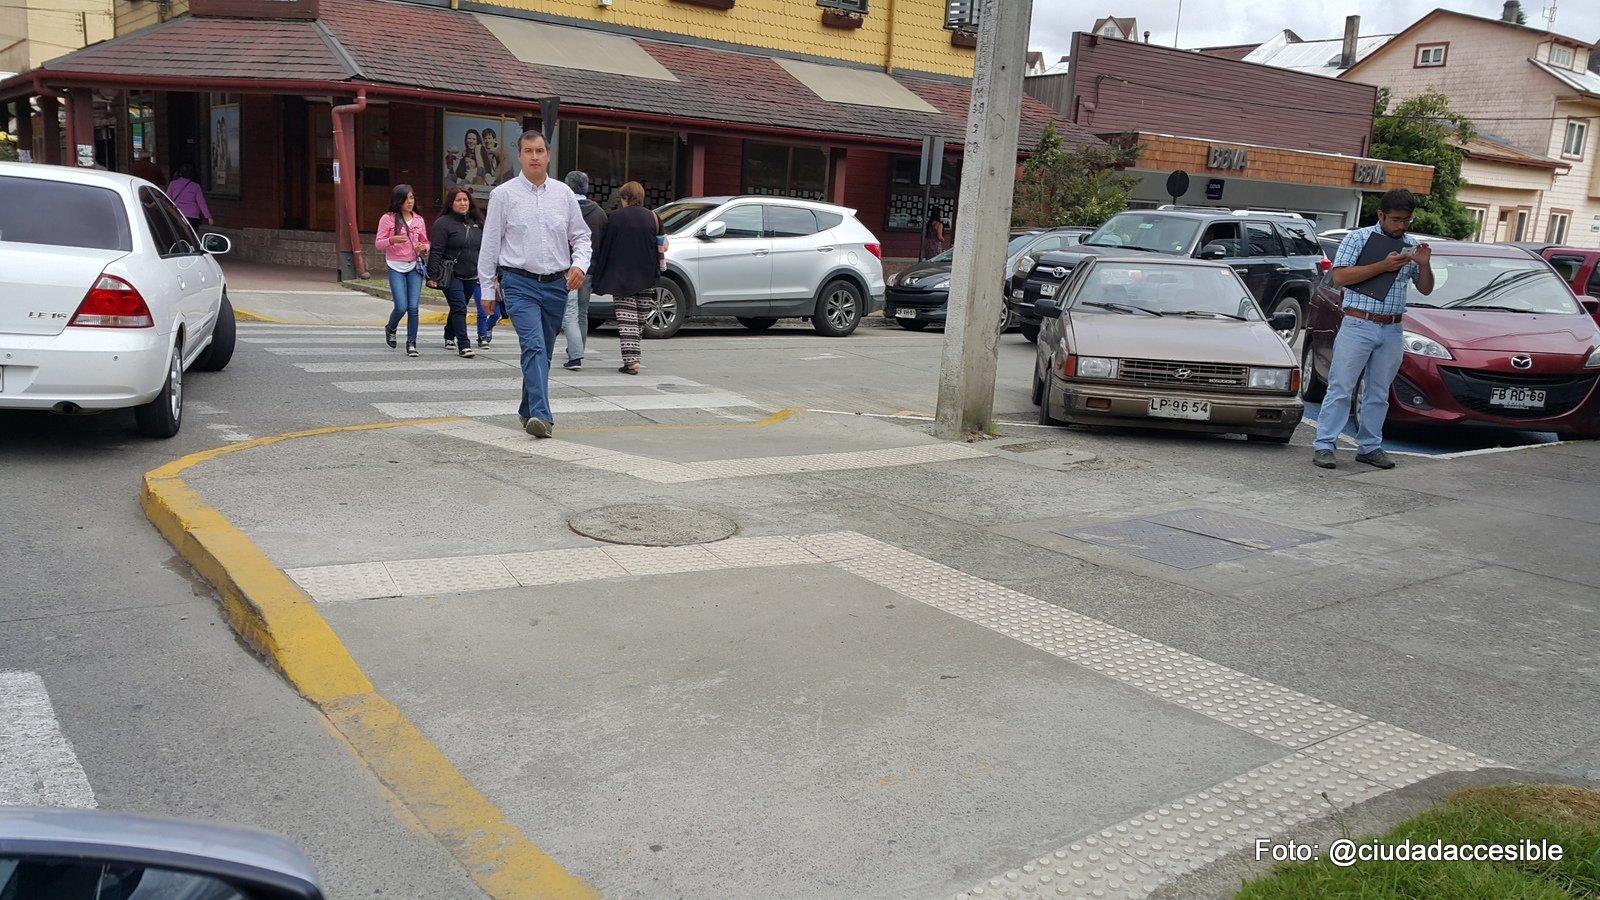 circuito de excelentes cruces peatonales rebajados